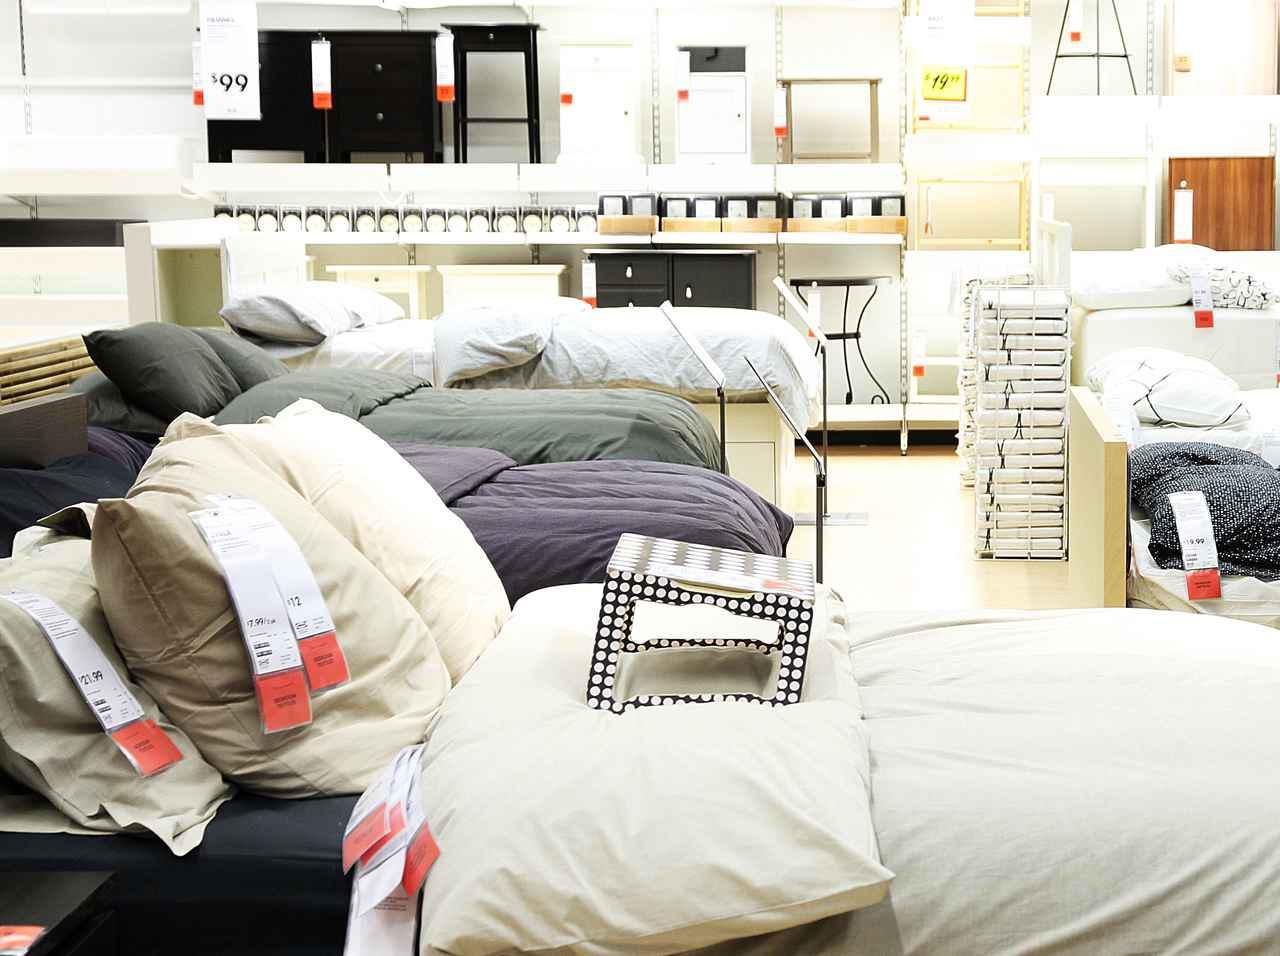 画像: IKEAの店舗で気をつけたほうが良い行動って?